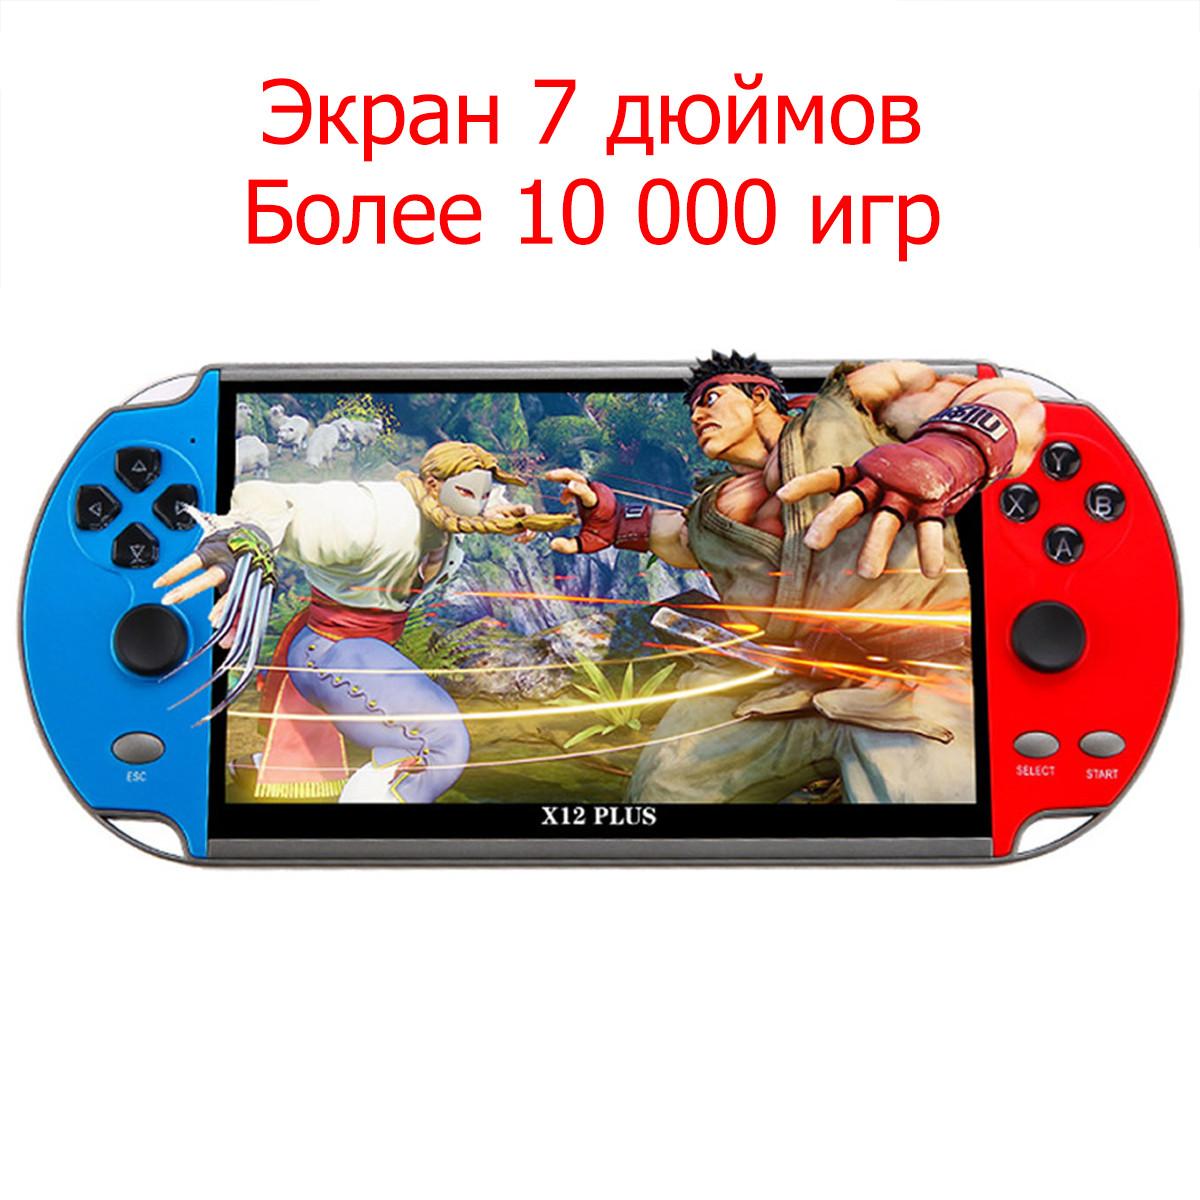 """Портативная игровая консоль X12 Plus 7""""   10000 встроенных игр   поддержка карт памяти"""